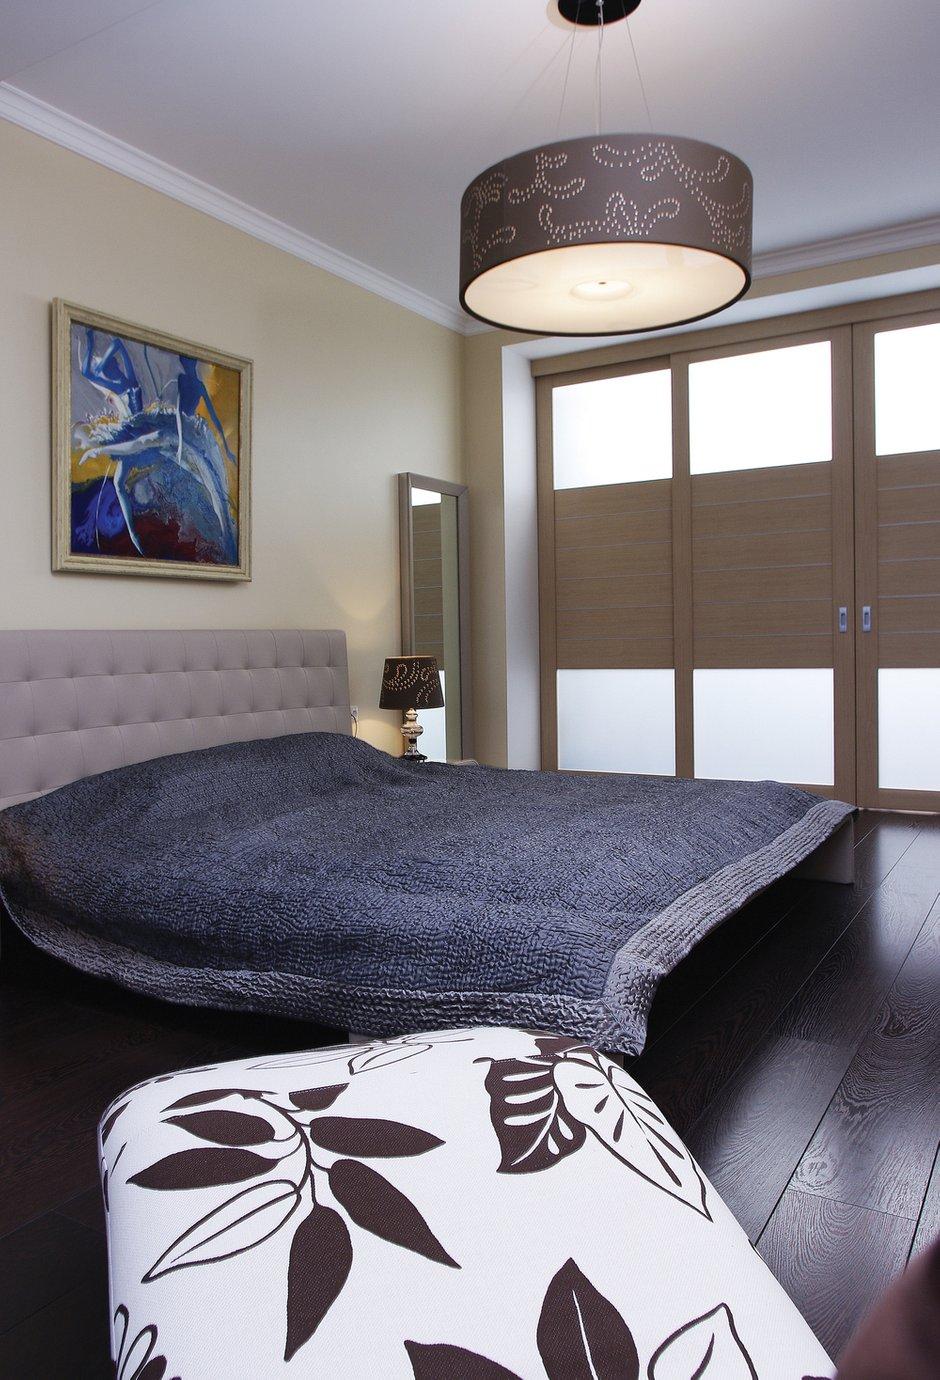 Фотография: Спальня в стиле Современный, Квартира, Цвет в интерьере, Дома и квартиры, Белый, Минимализм – фото на INMYROOM